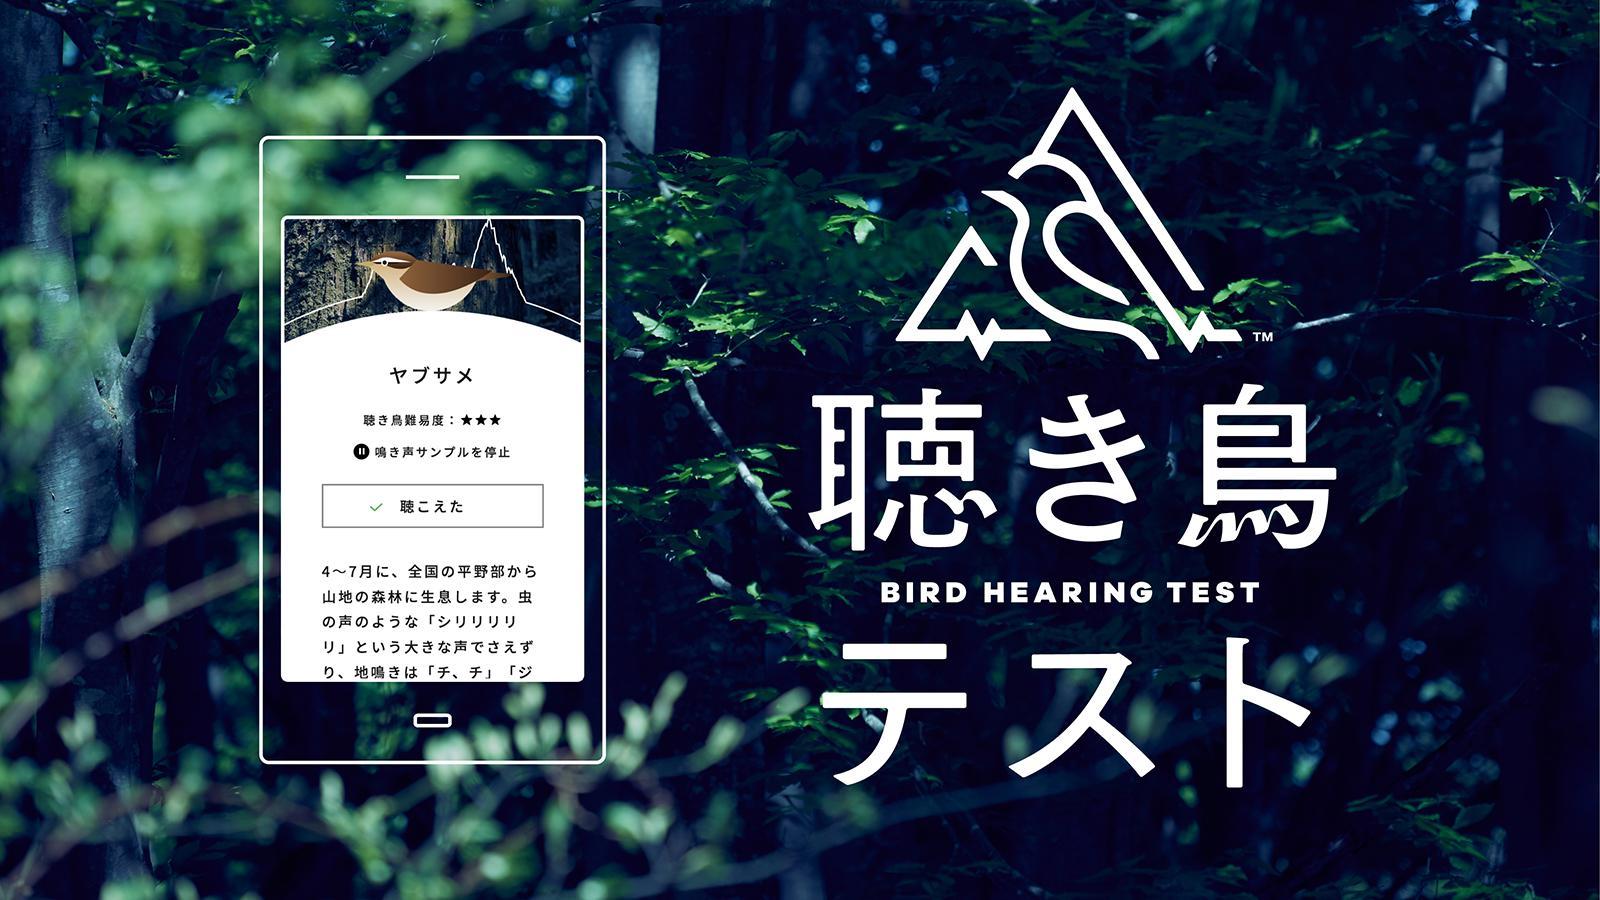 """""""聴きとる力""""が確認できるWEBサービス「聴き鳥テスト」を公開"""